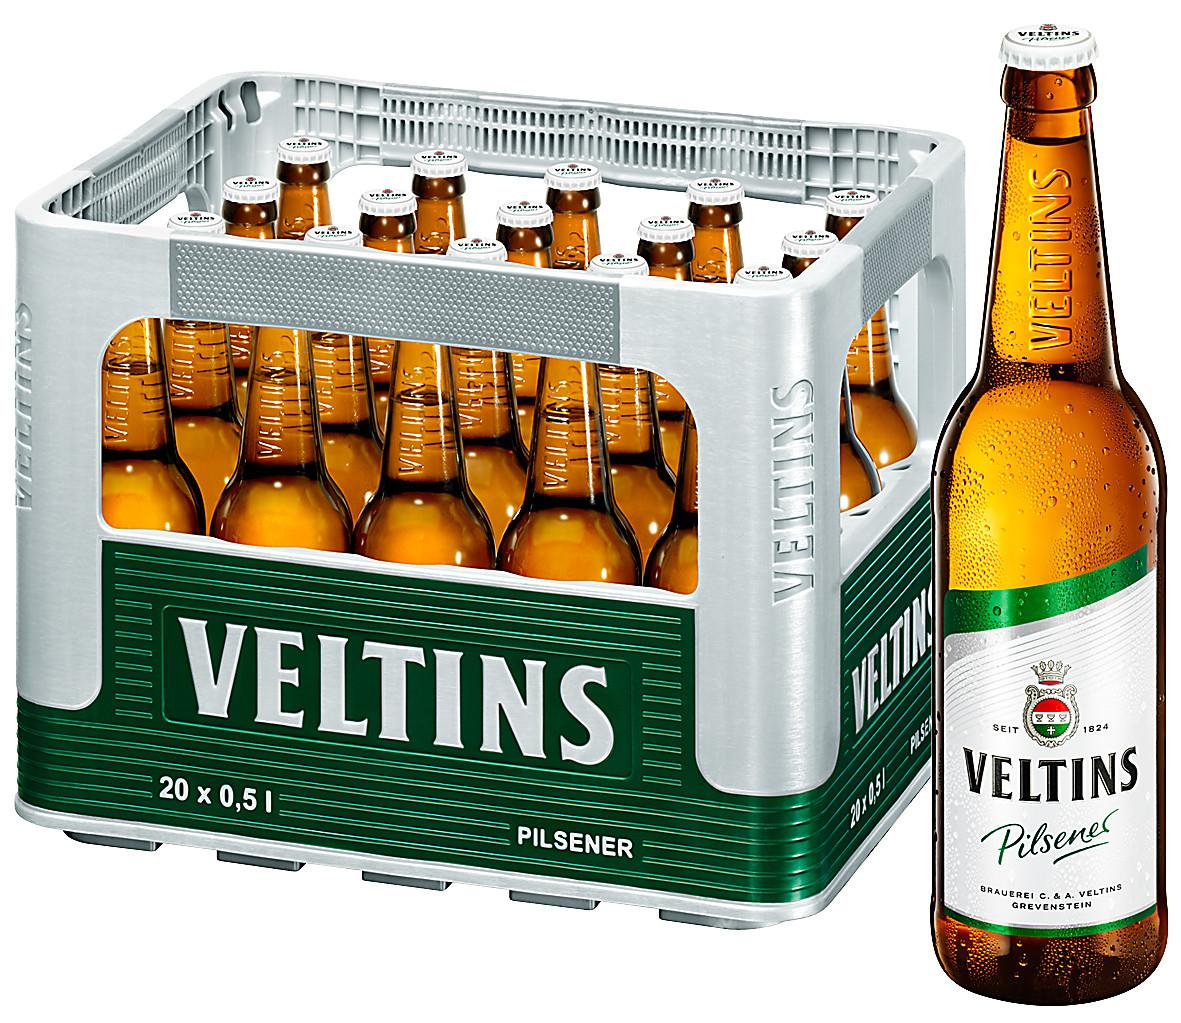 Veltins Bier (Kasten 20x0,5l) + 6x0,33l Grevensteiner Landbier bei [Rewe]